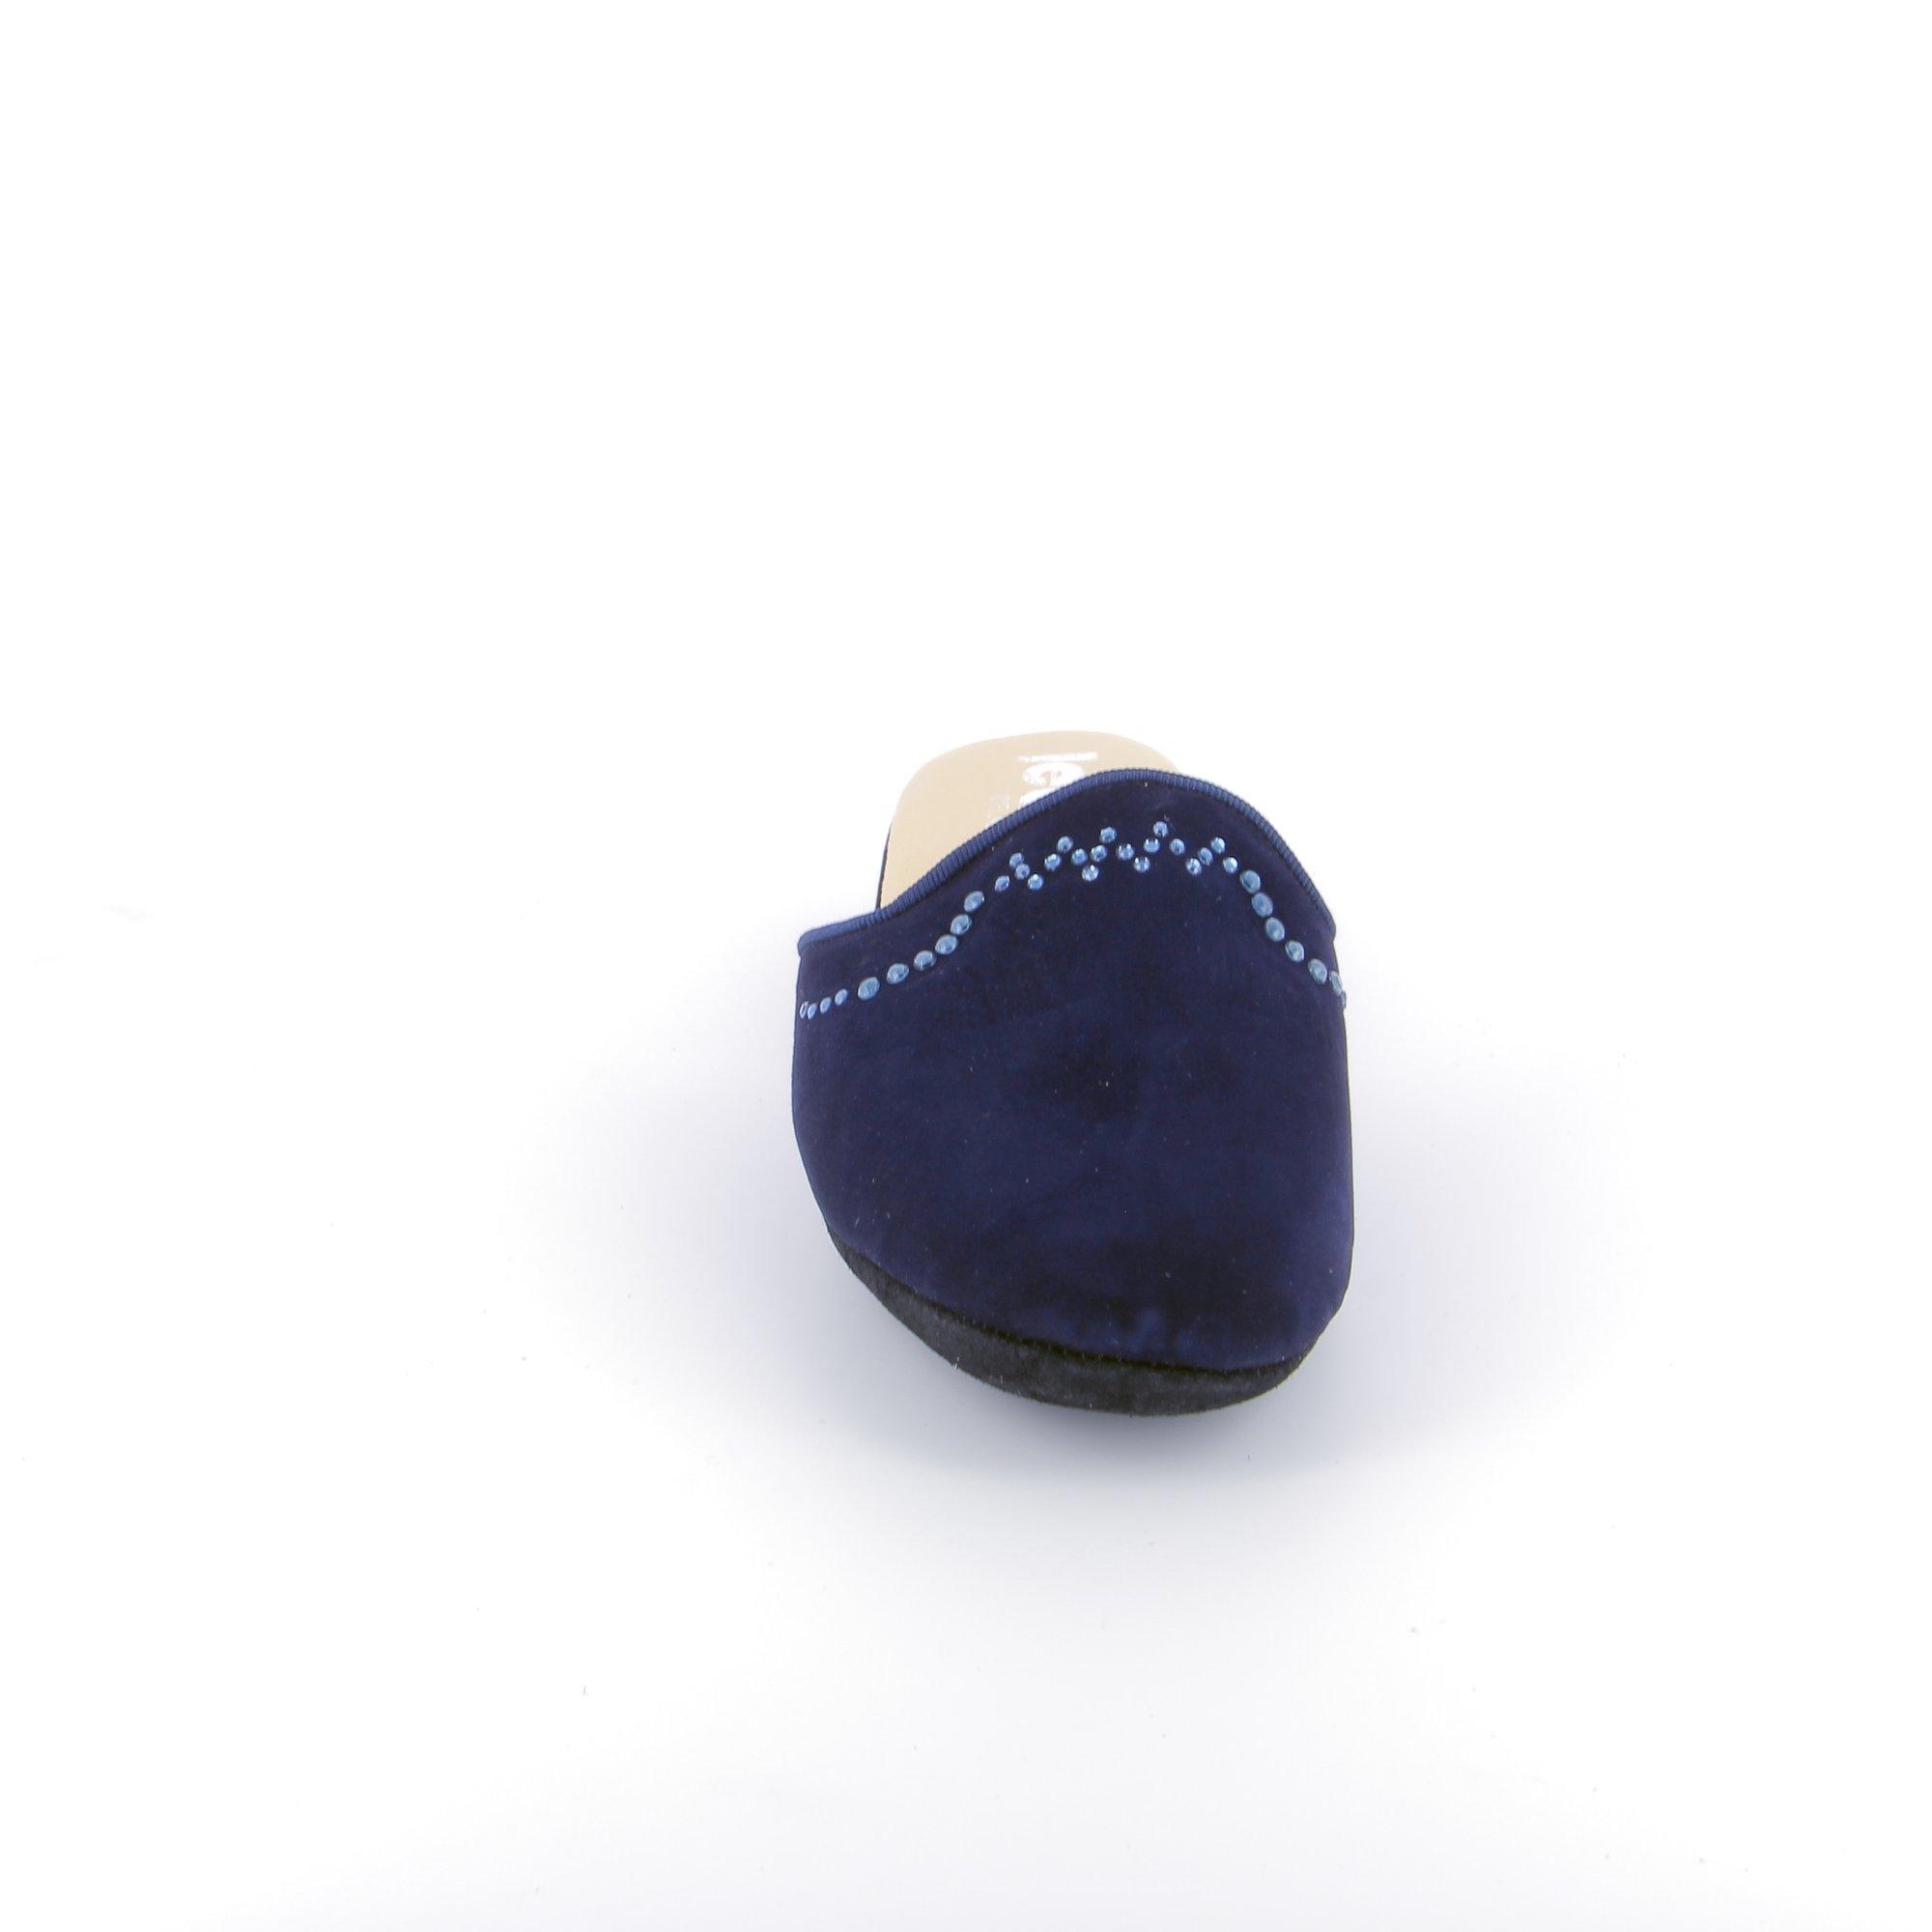 Delaere bleu